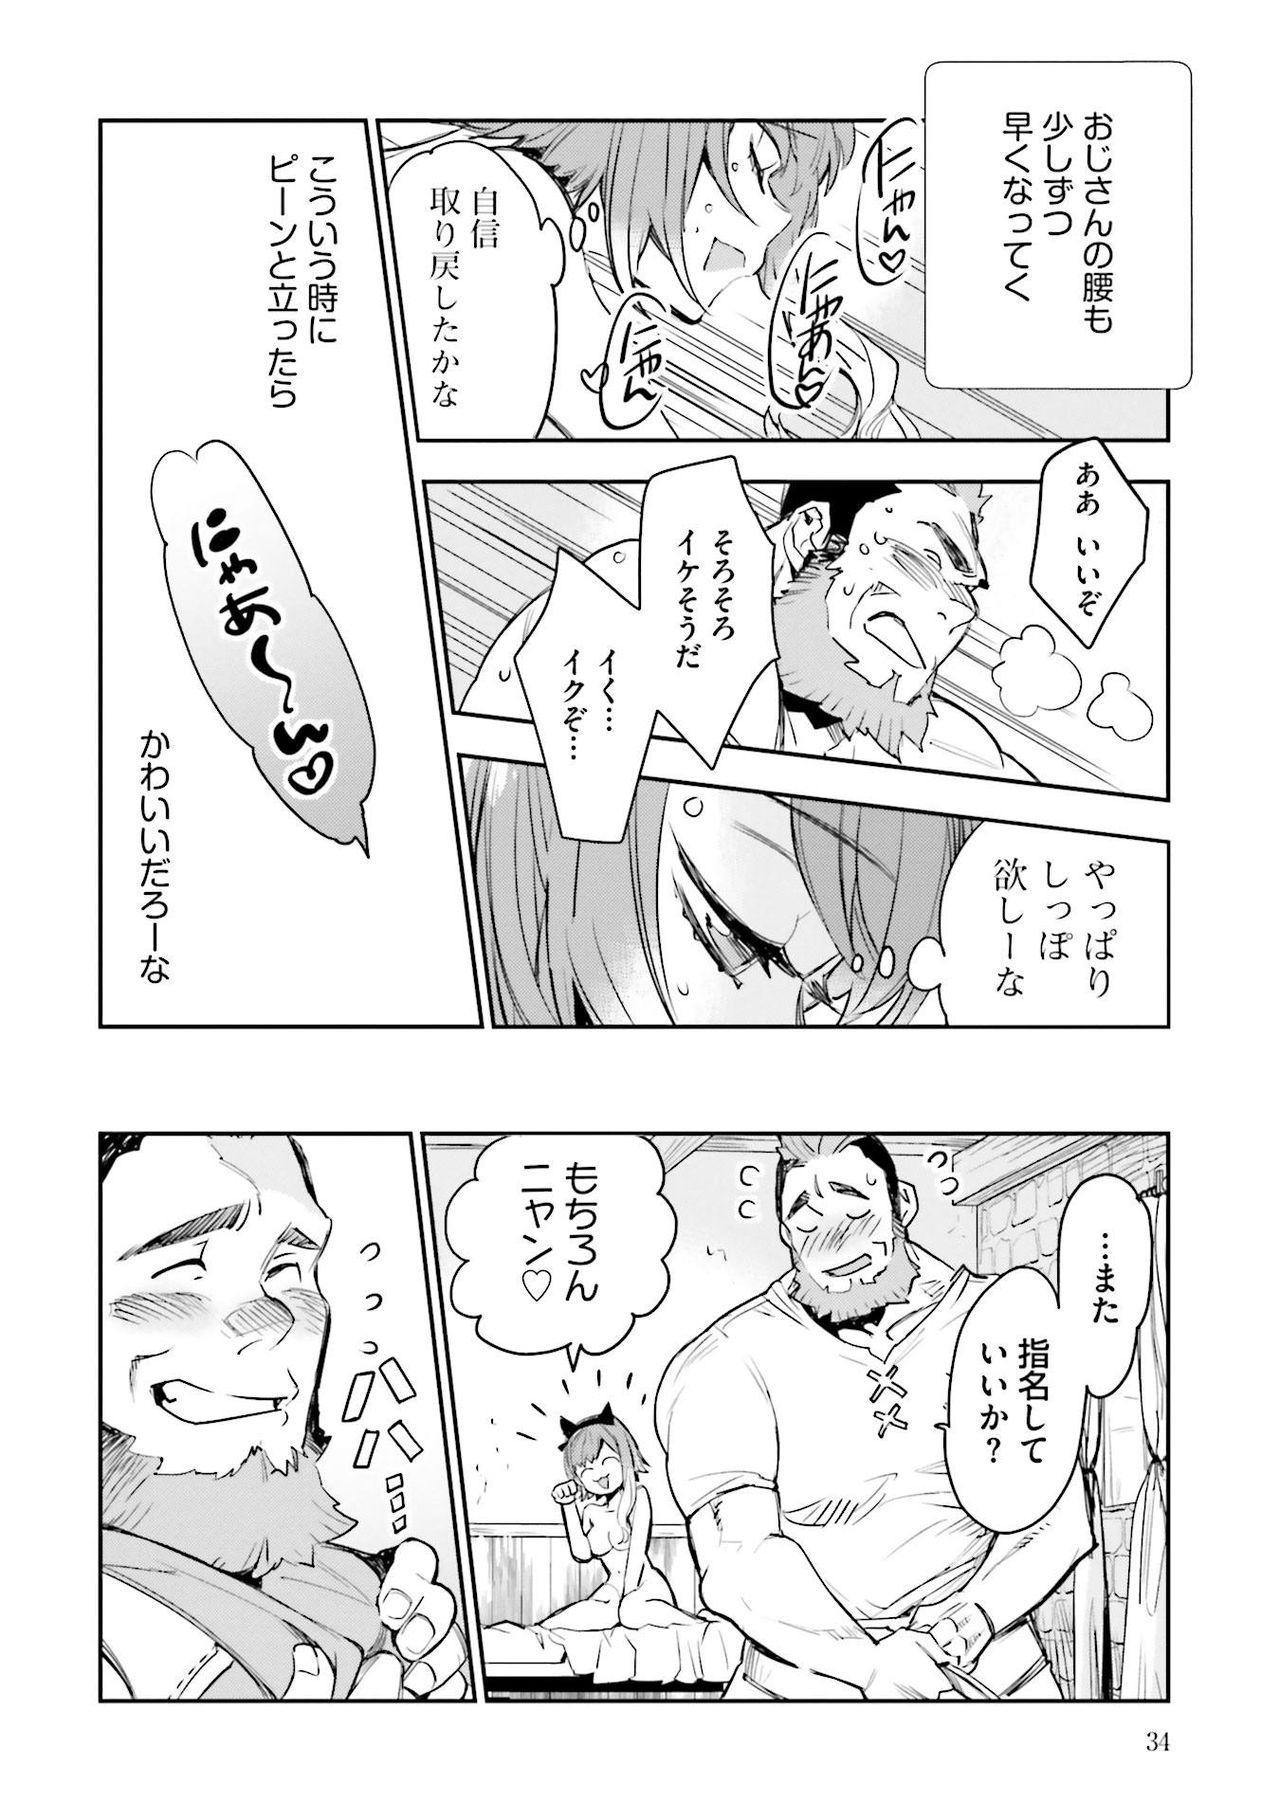 JK Haru wa Isekai de Shoufu ni Natta 1-14 222